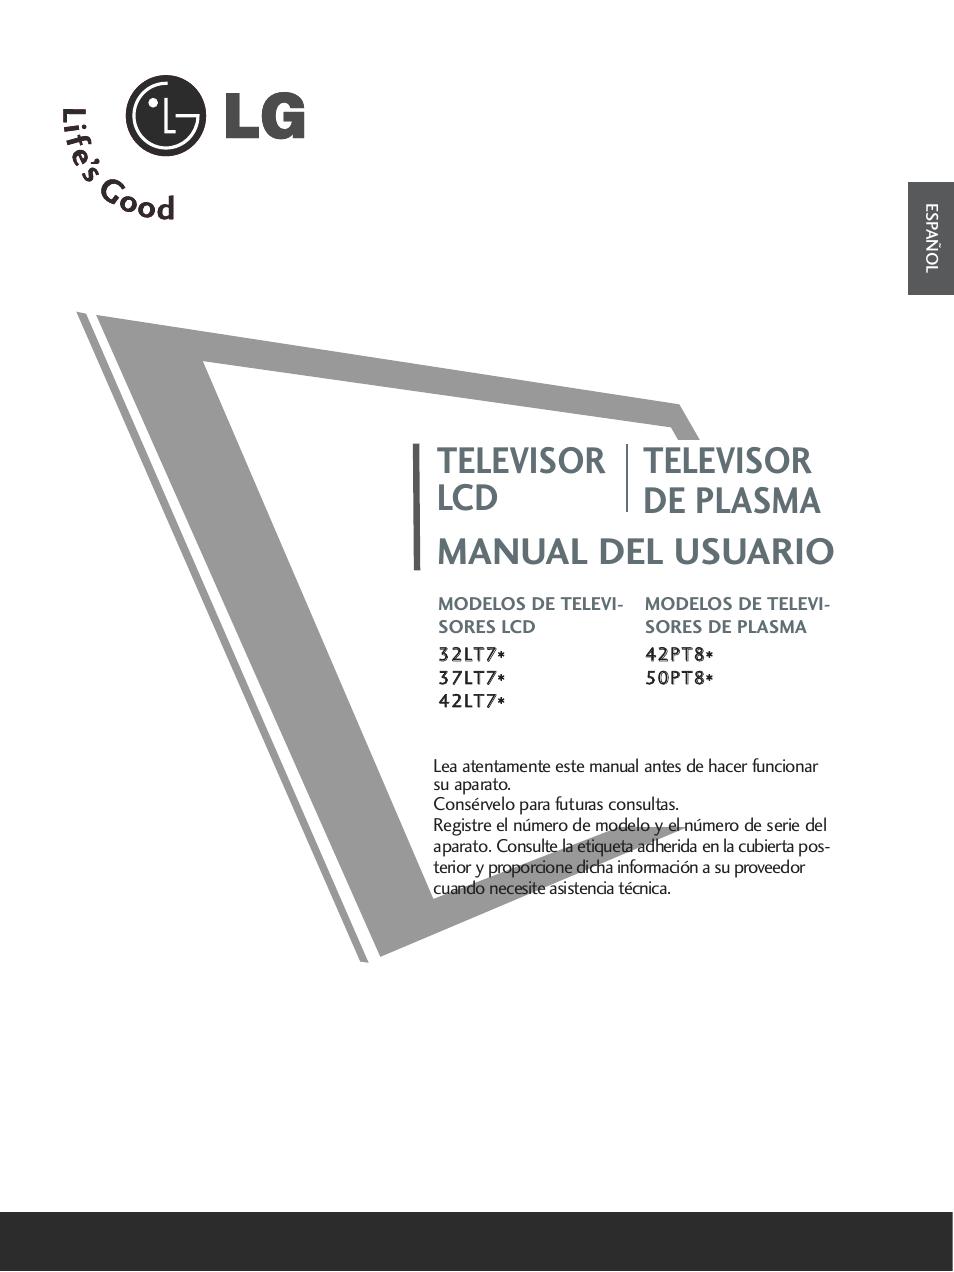 lg 32lt75 manual del usuario p ginas 120 tambi n para 37lt75 rh pdfmanuales com manual de instrucciones tv lg 42 manual de instrucciones tv lg 42